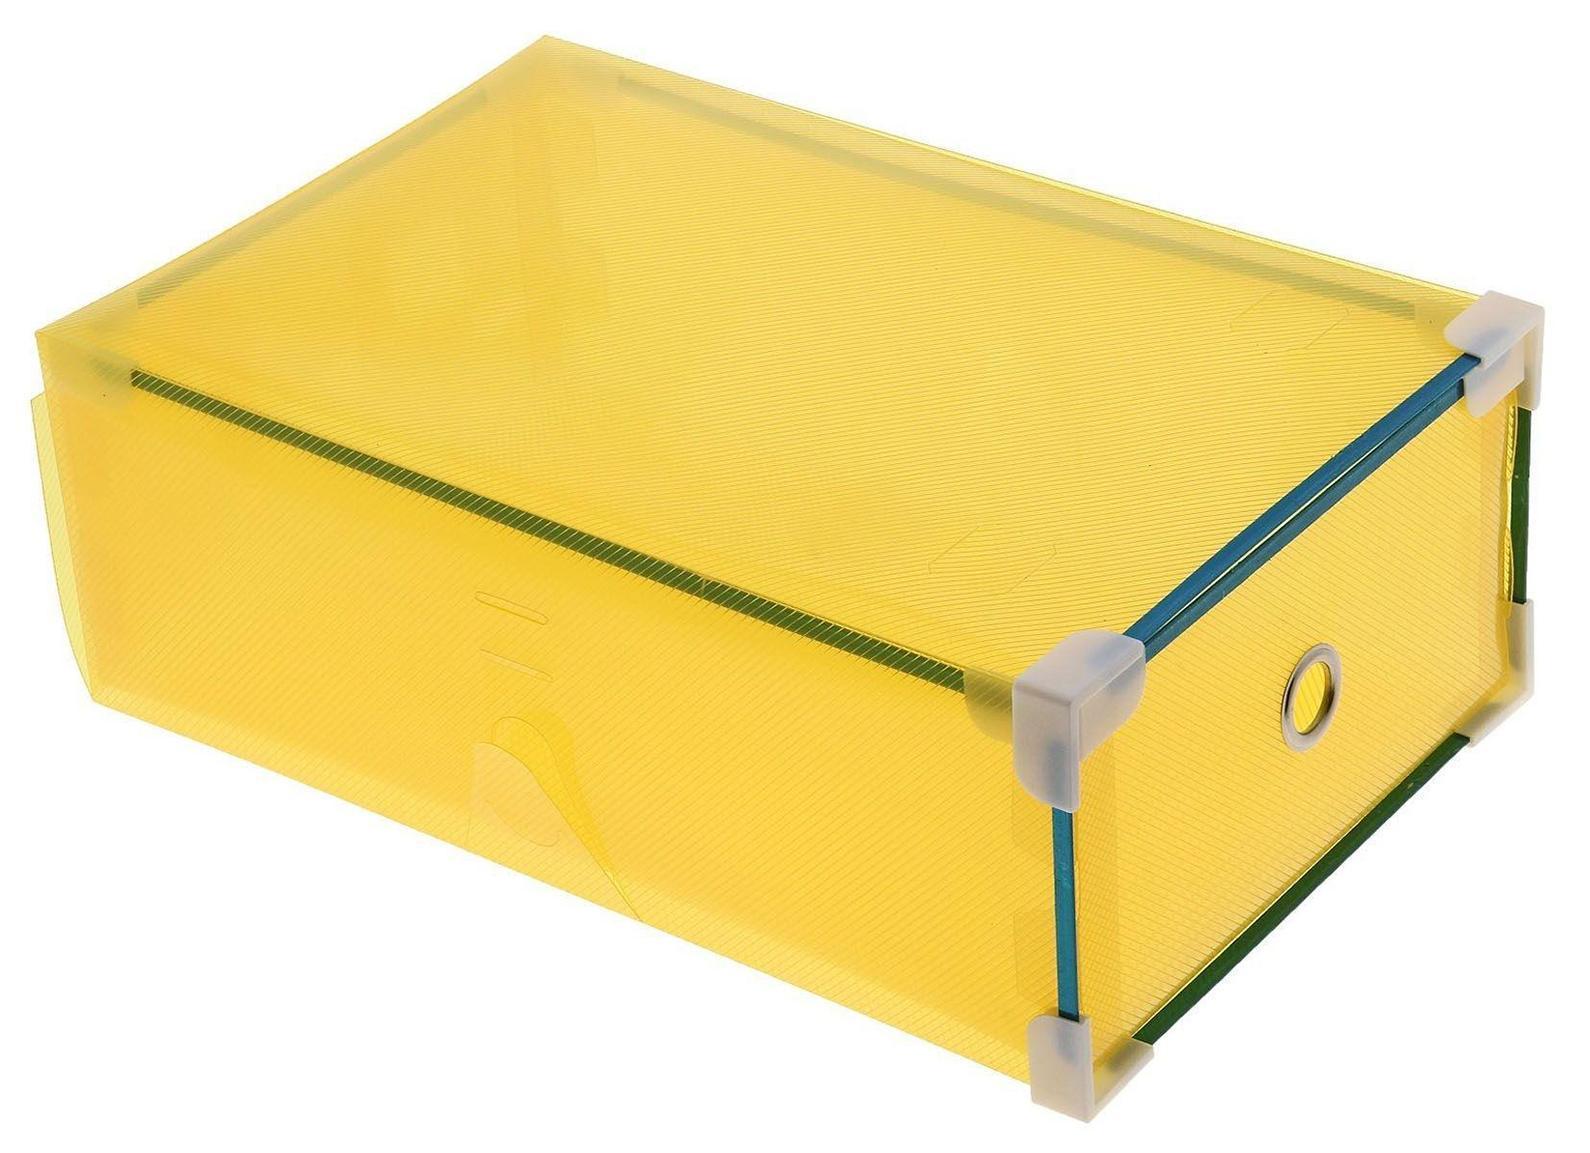 короб для хранения выдвижной 31*19,5*10,5см желтый 7099636907099630009Коробка для мелочей изготовлена из прочного пластика. Предназначена для хранения мелких бытовых мелочей, принадлежностей для шитья и т.д. Коробка оснащена плотно закрывающейся крышкой, которая предотвратит просыпание и потерю мелких вещиц.Коробка для мелочей сохранит ваши вещи в порядке. Материал: Пластик, металл